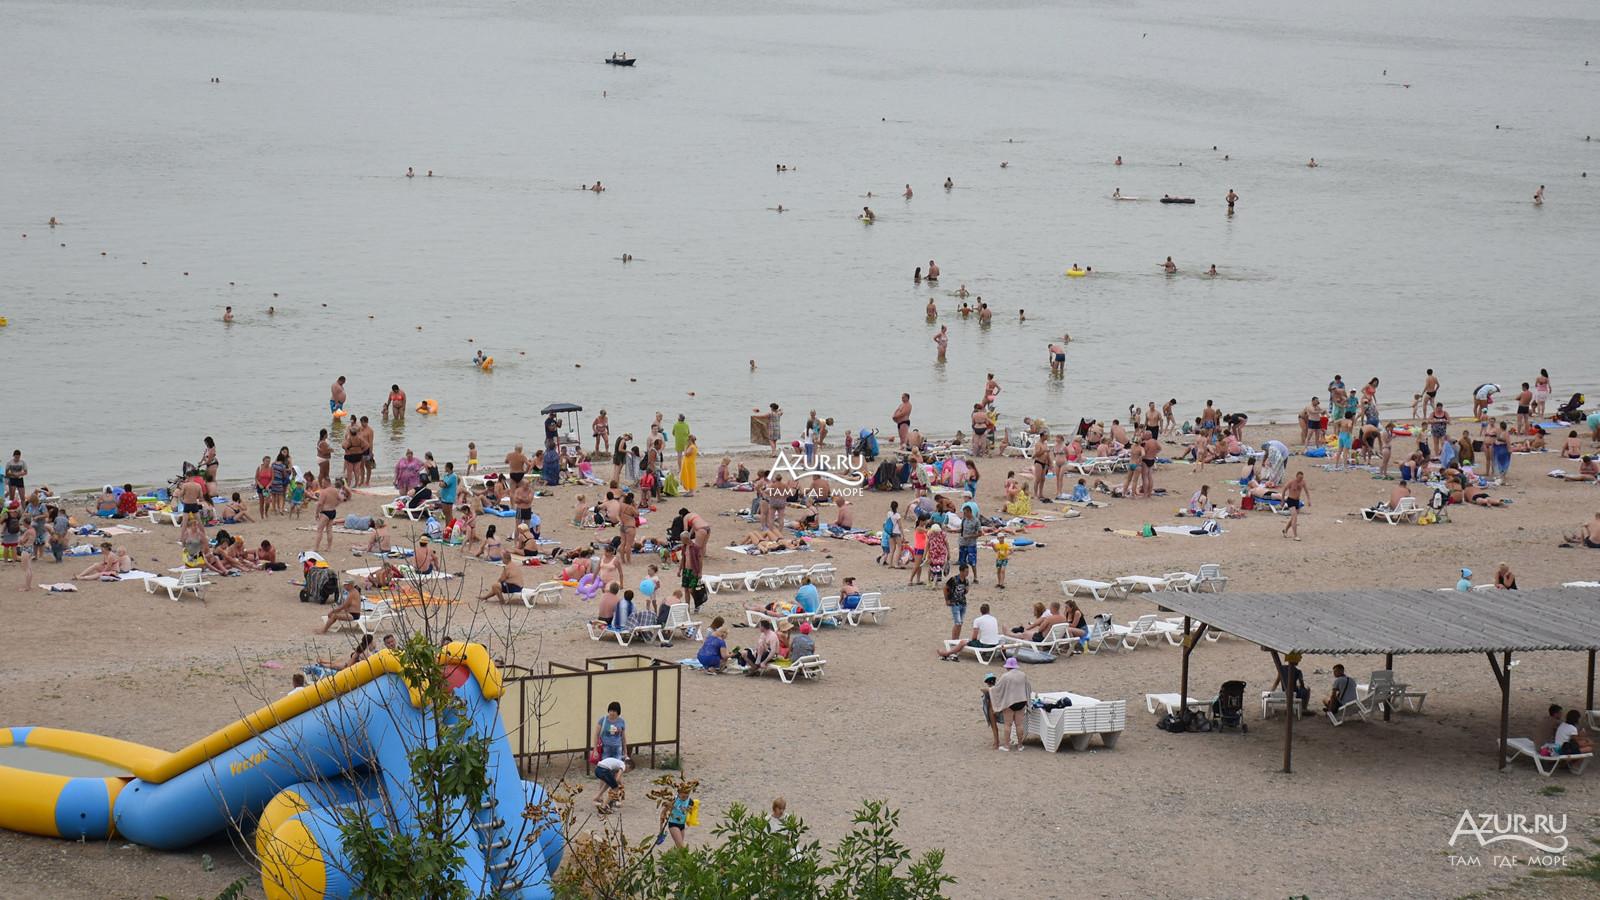 том, как таганрогский залив пляжи фото ейск подборе